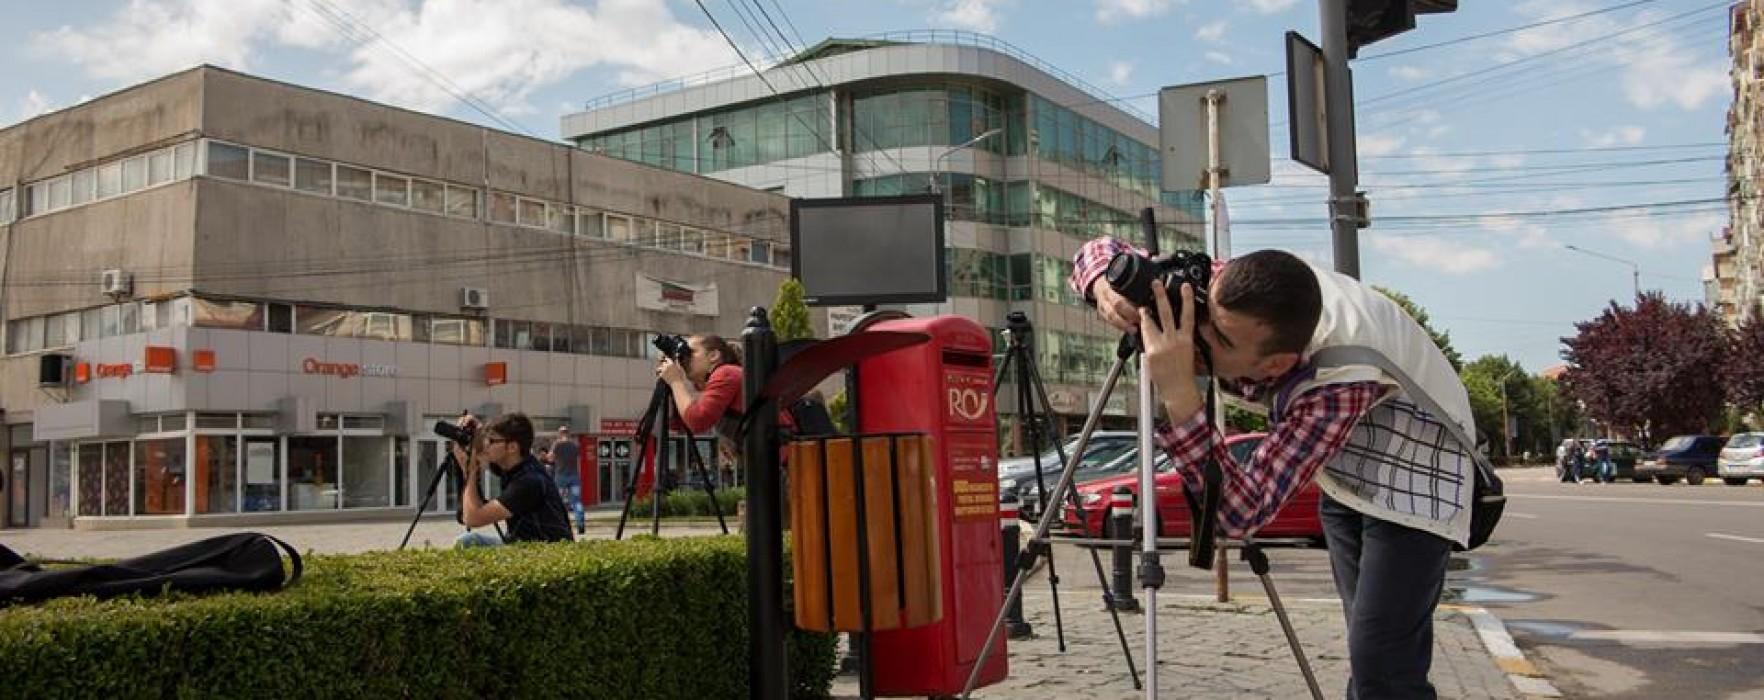 Școală de fotografie, la Târgovişte